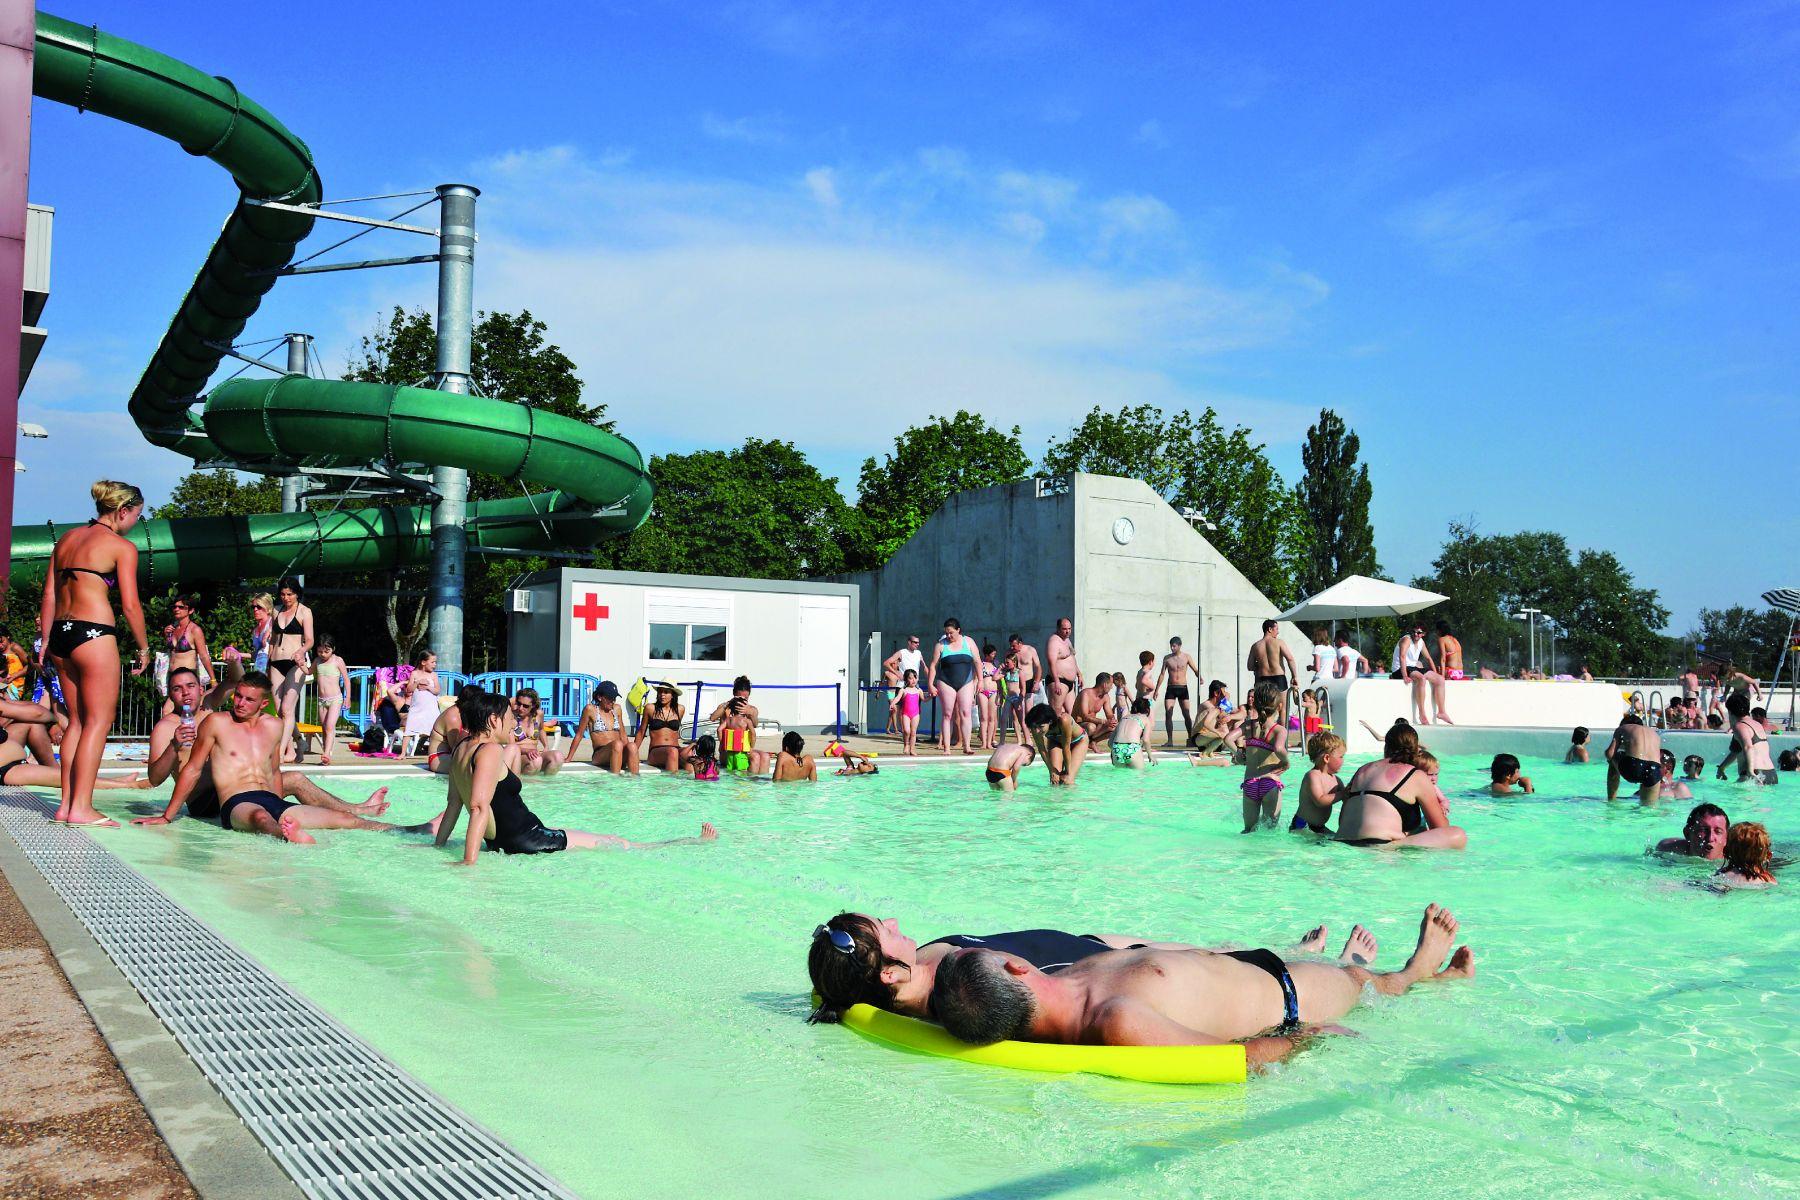 Nautic Center Carré D'eau - 01000 Bourg-En-Bresse à Piscine Bourg En Bresse